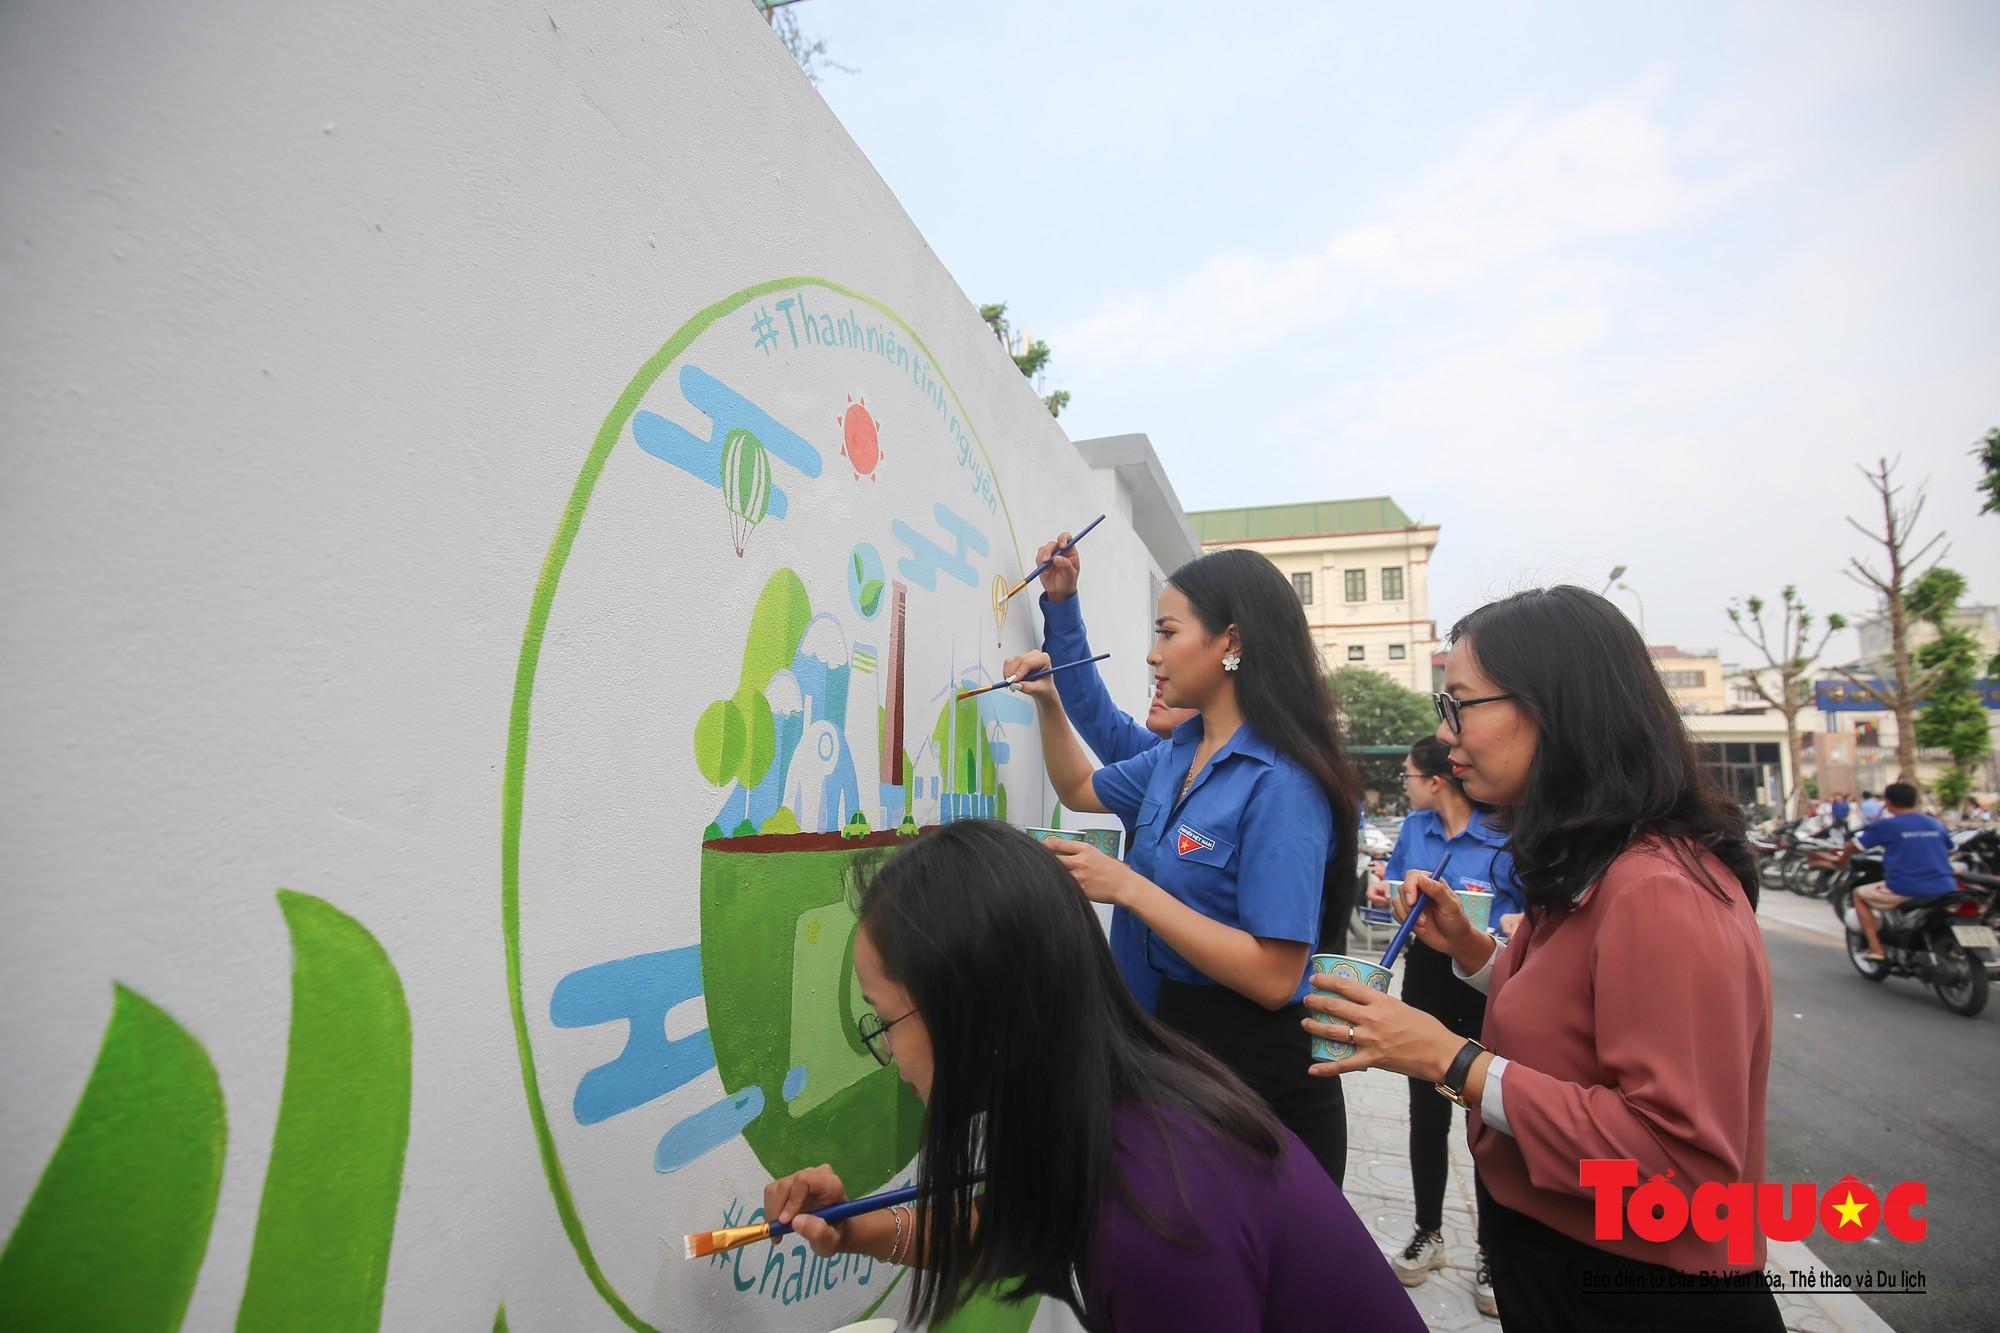 Lan tỏa ý thức bảo vệ môi trường với cuộc thi Thách thức để thay đổi (5)